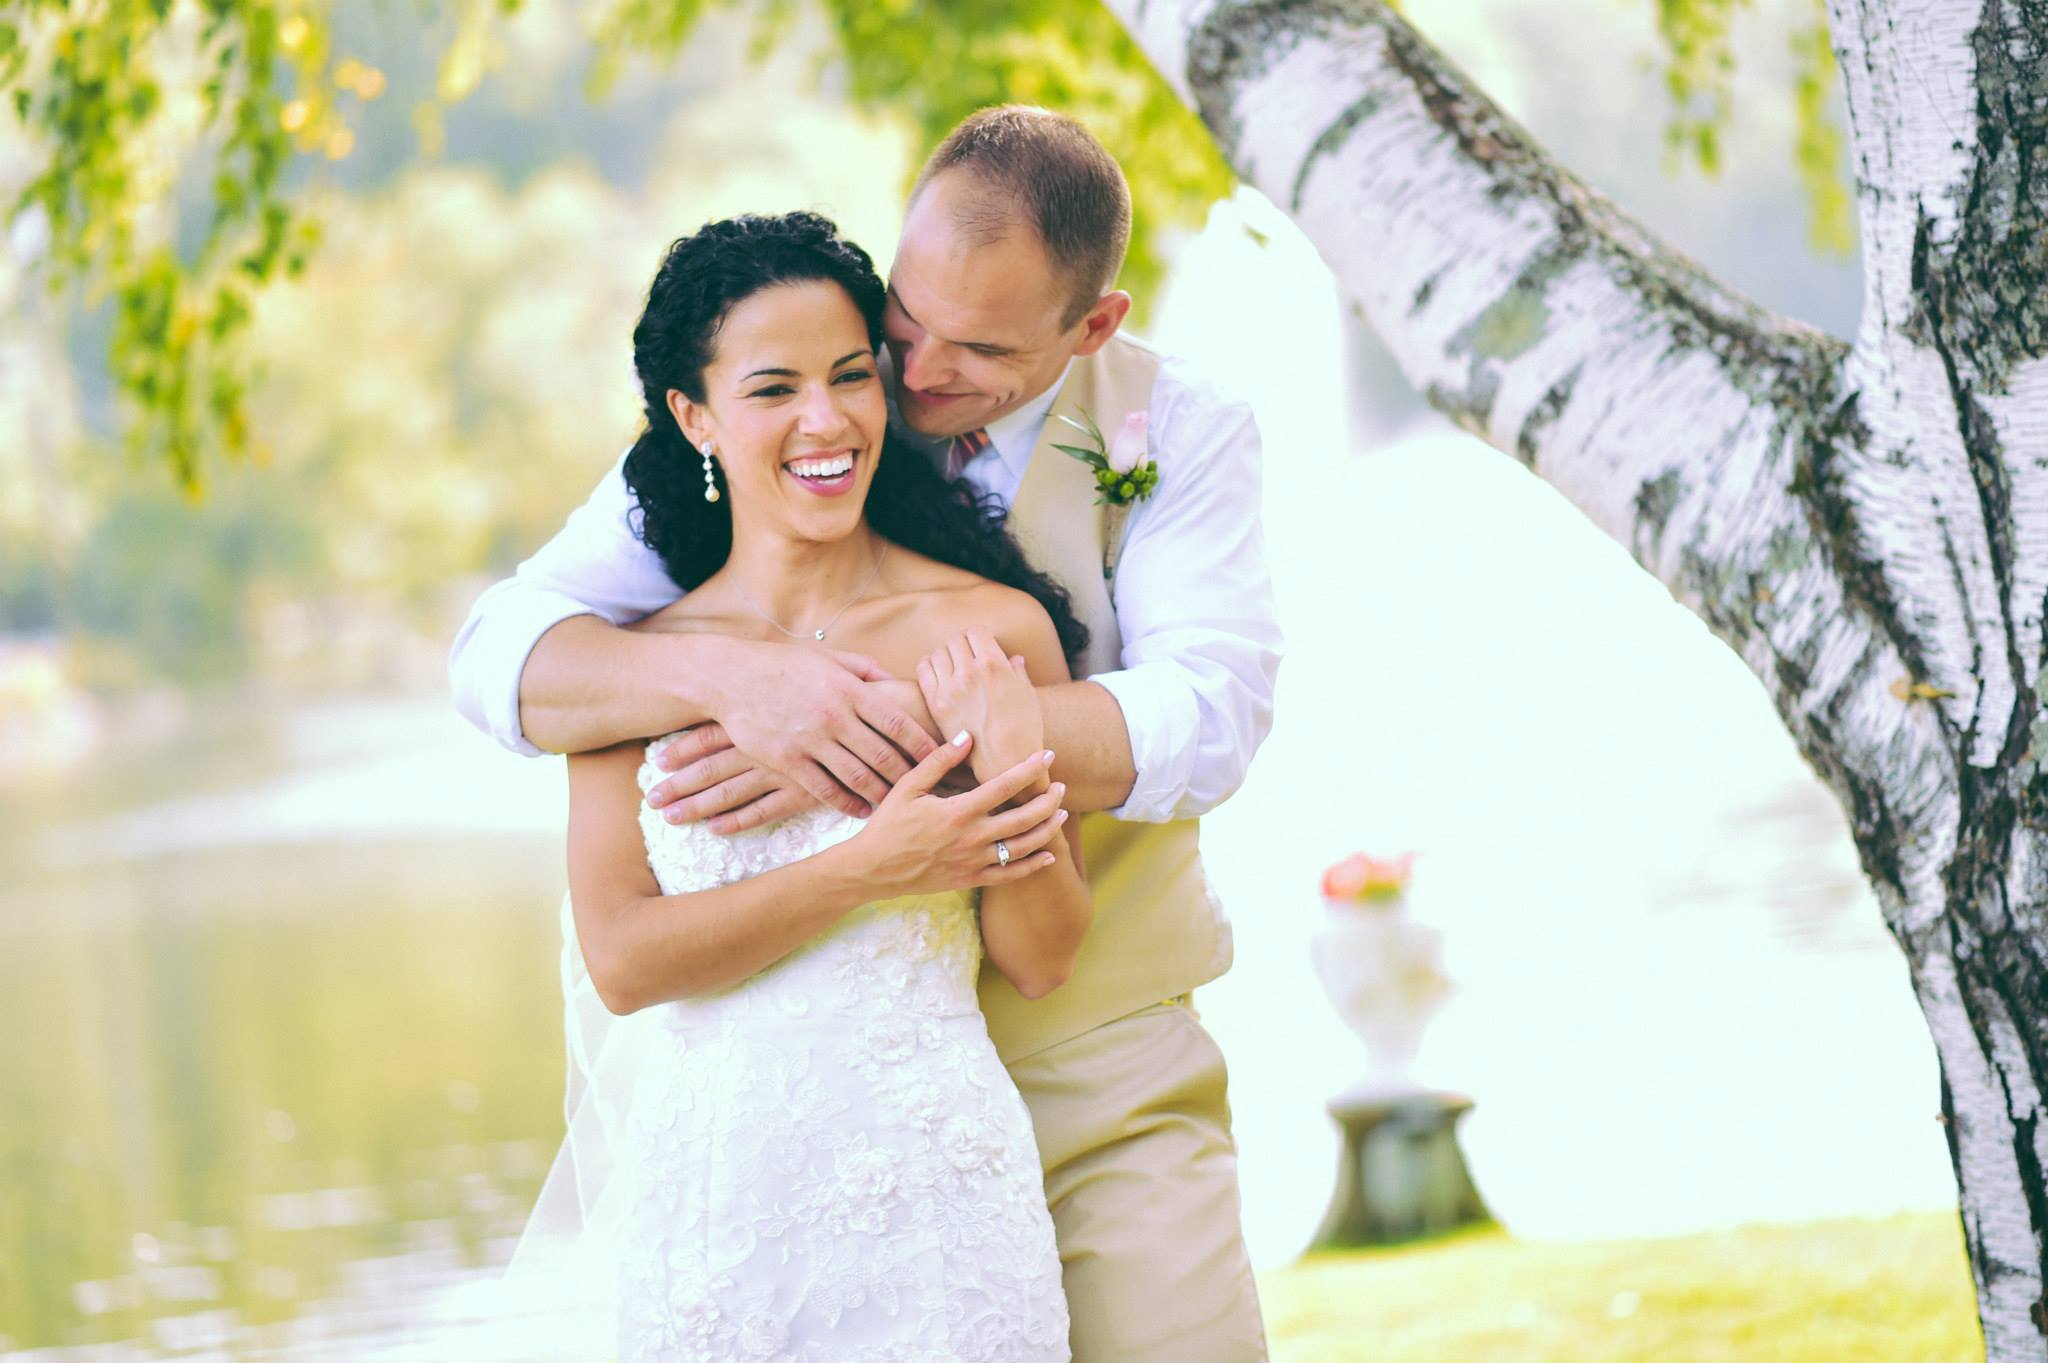 MUSTHAVE_bridegroom.jpg